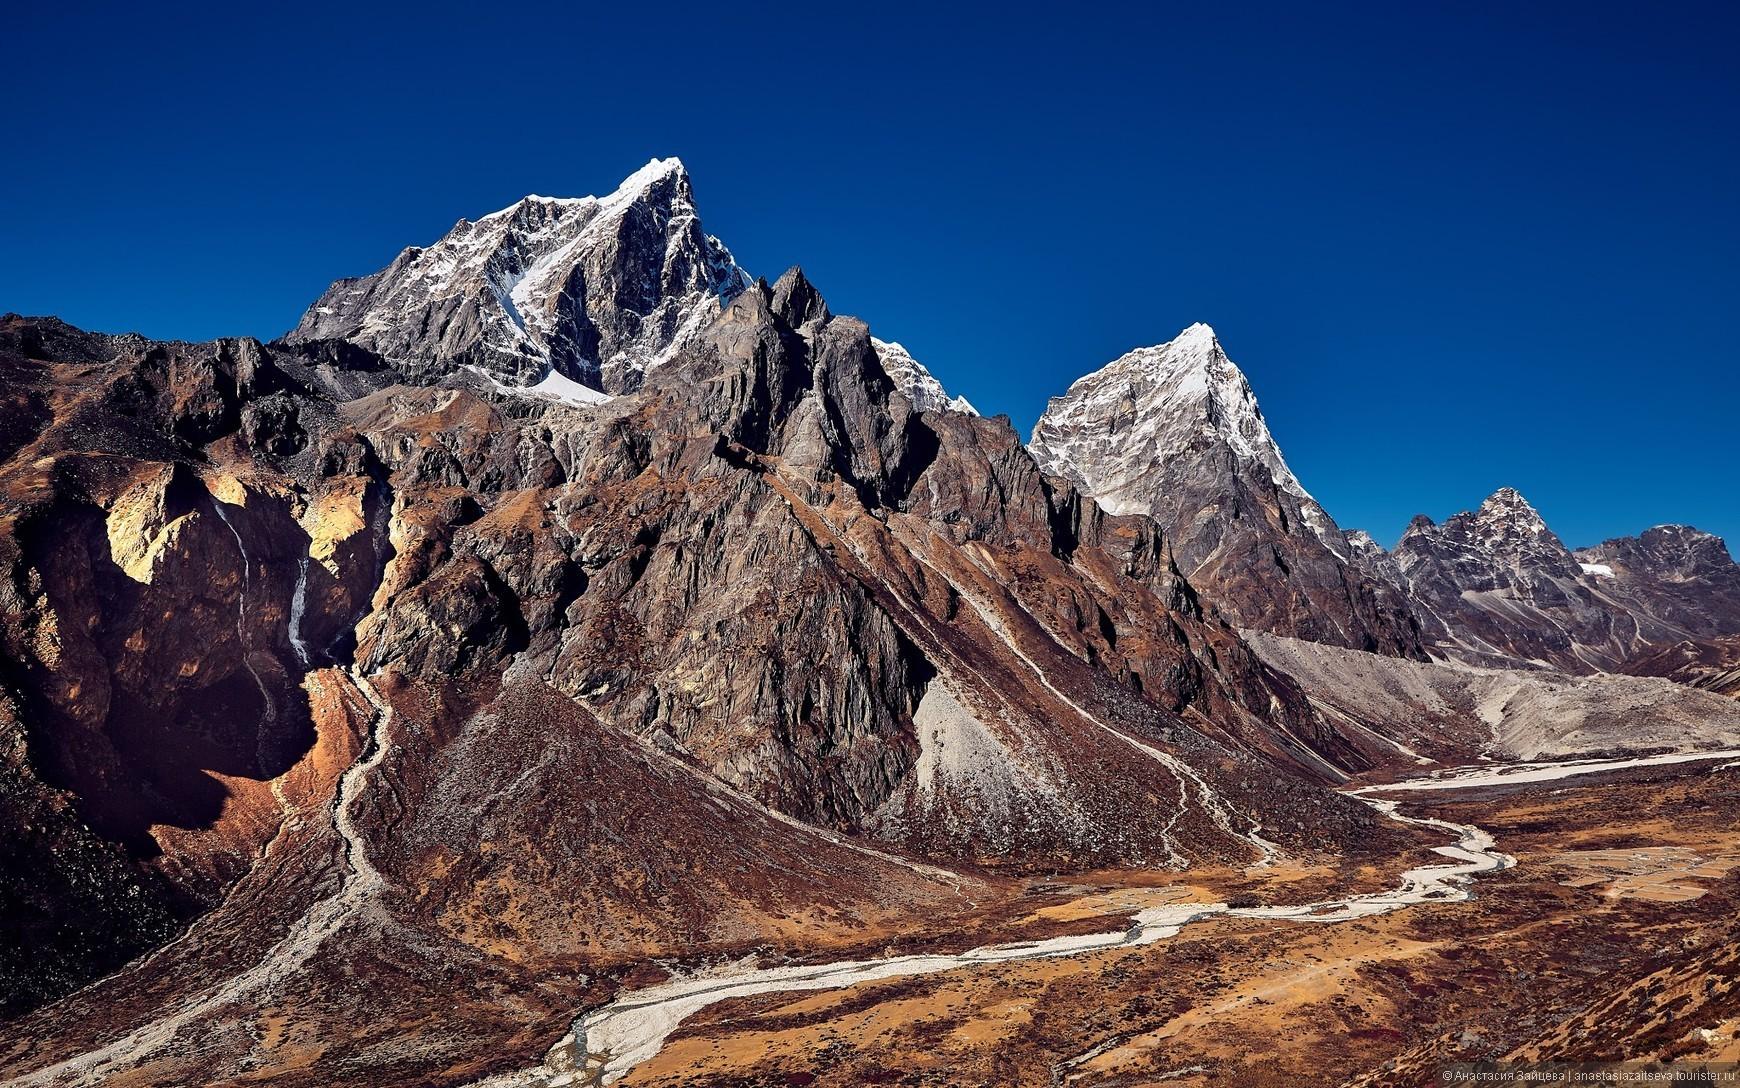 какая гора занимает 4 место по высоте